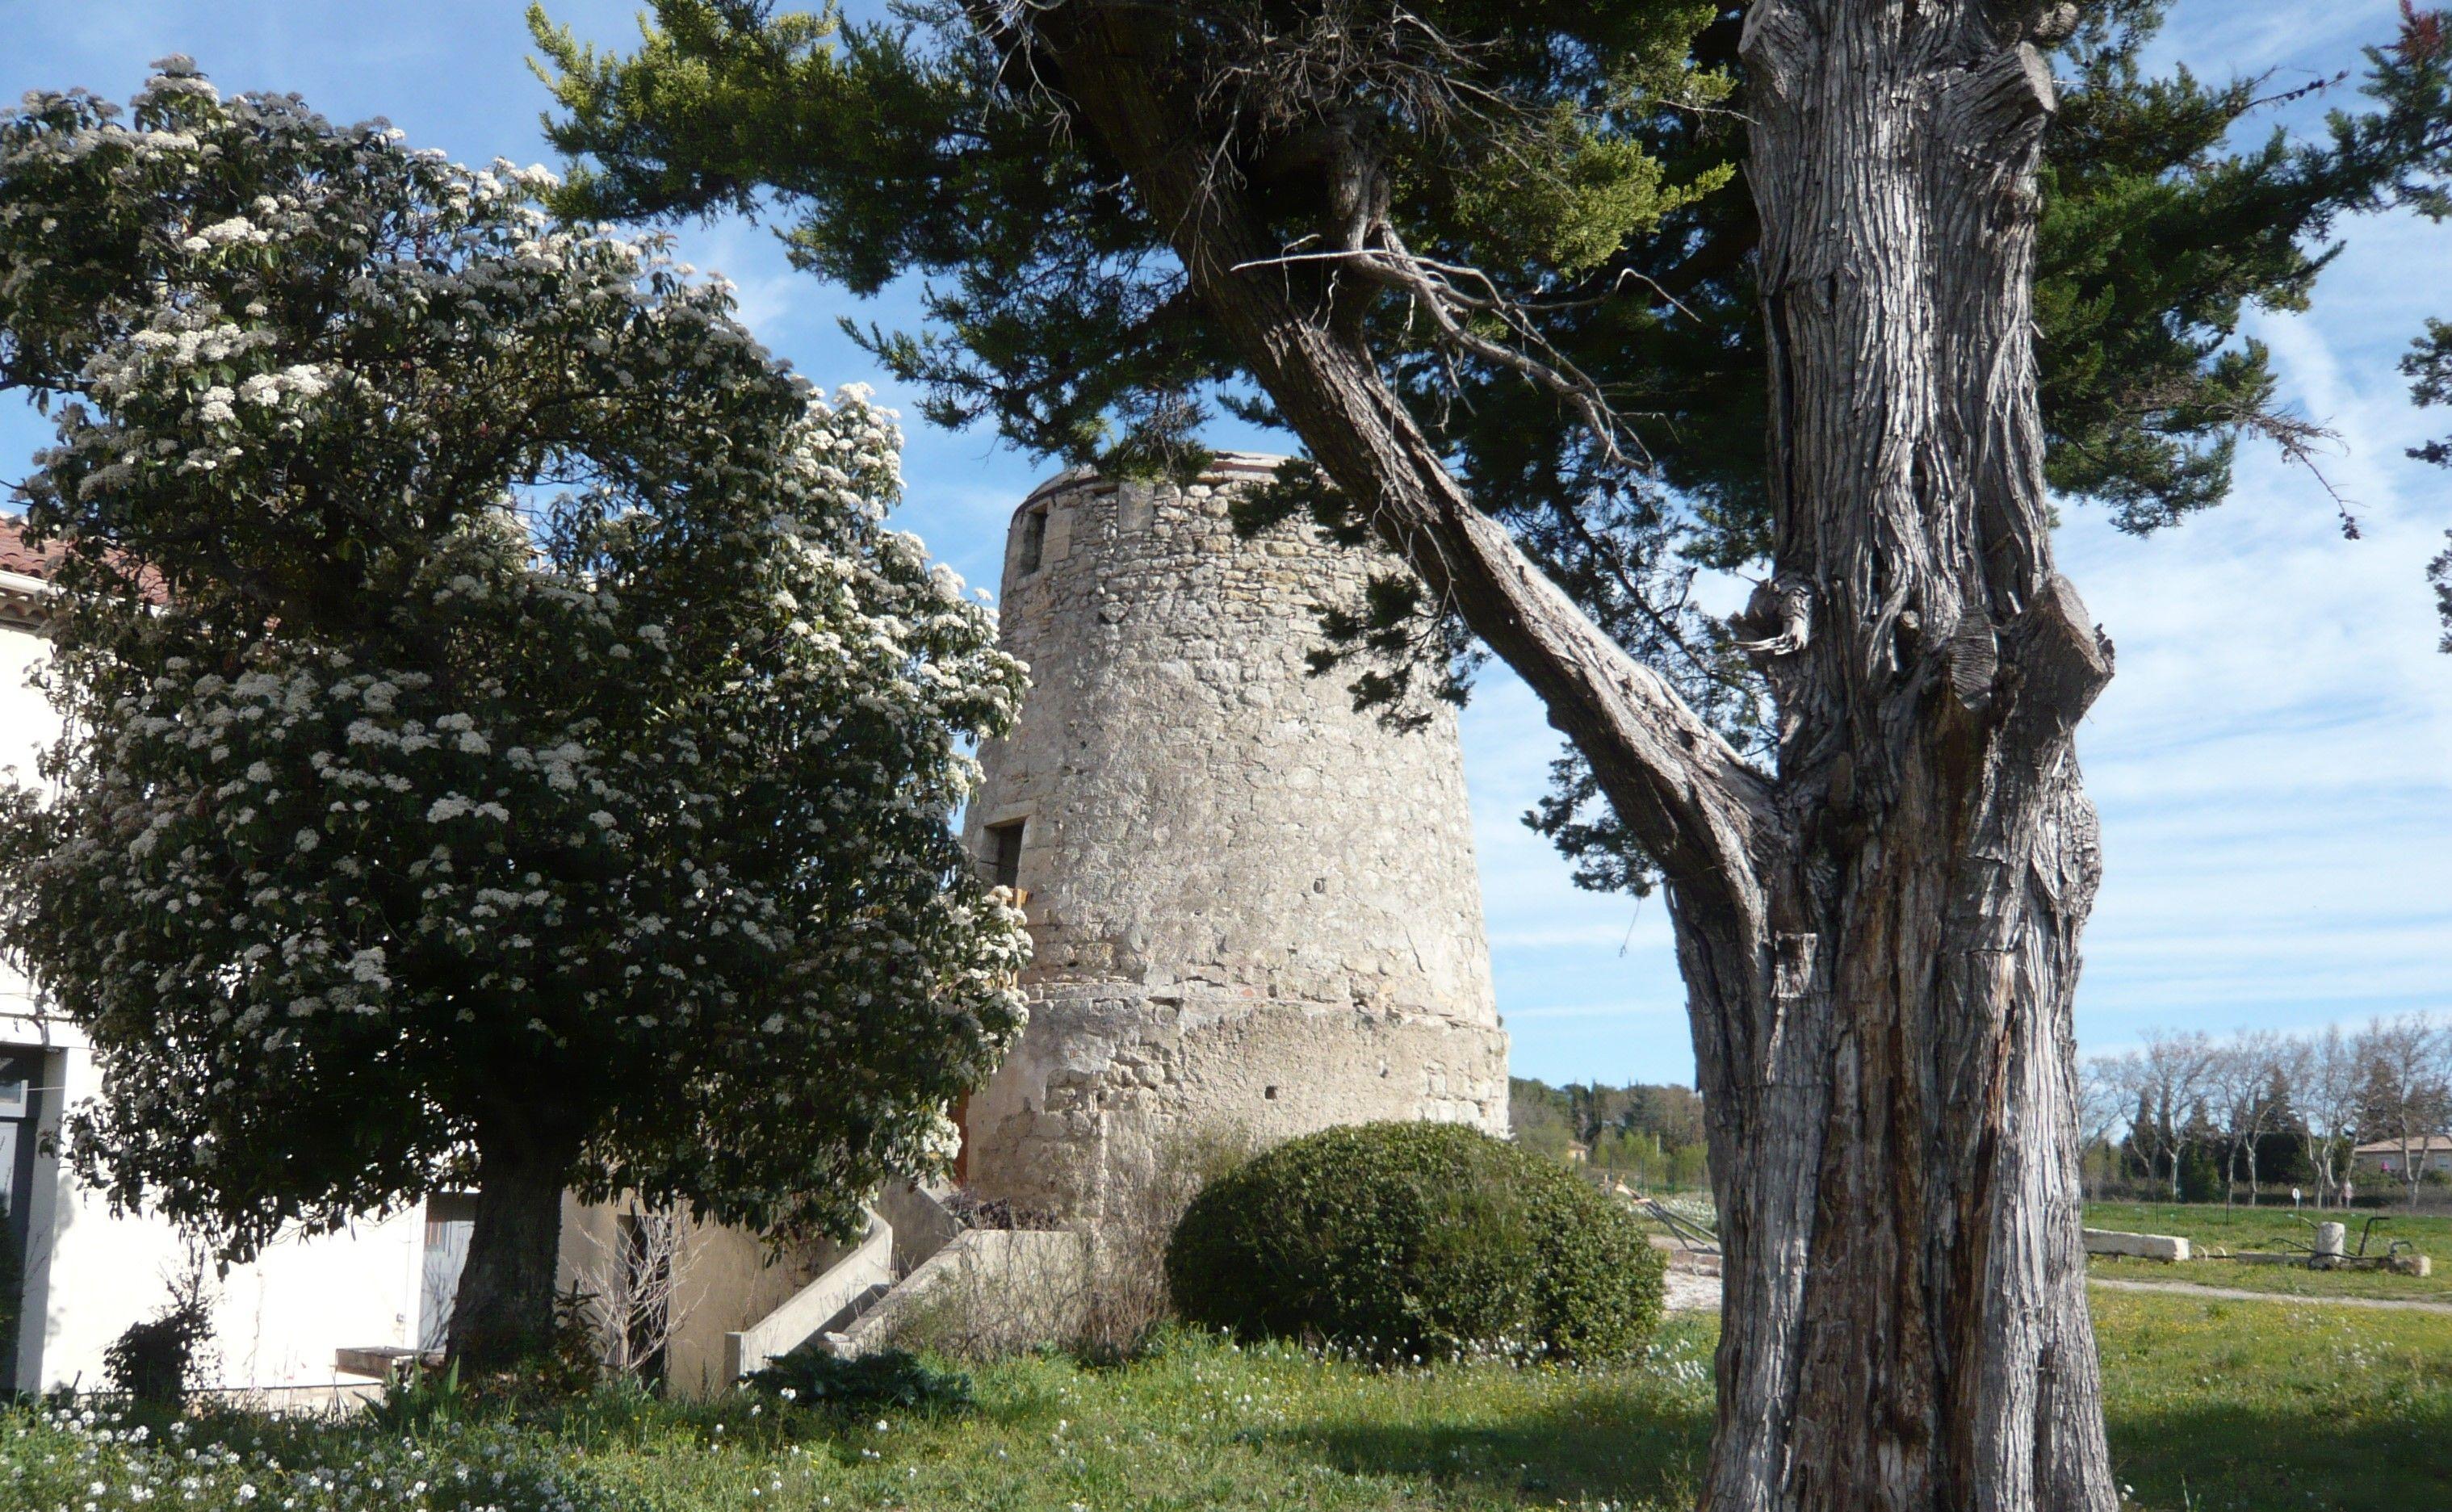 Le moulin à vent de Juffet à Montbazin